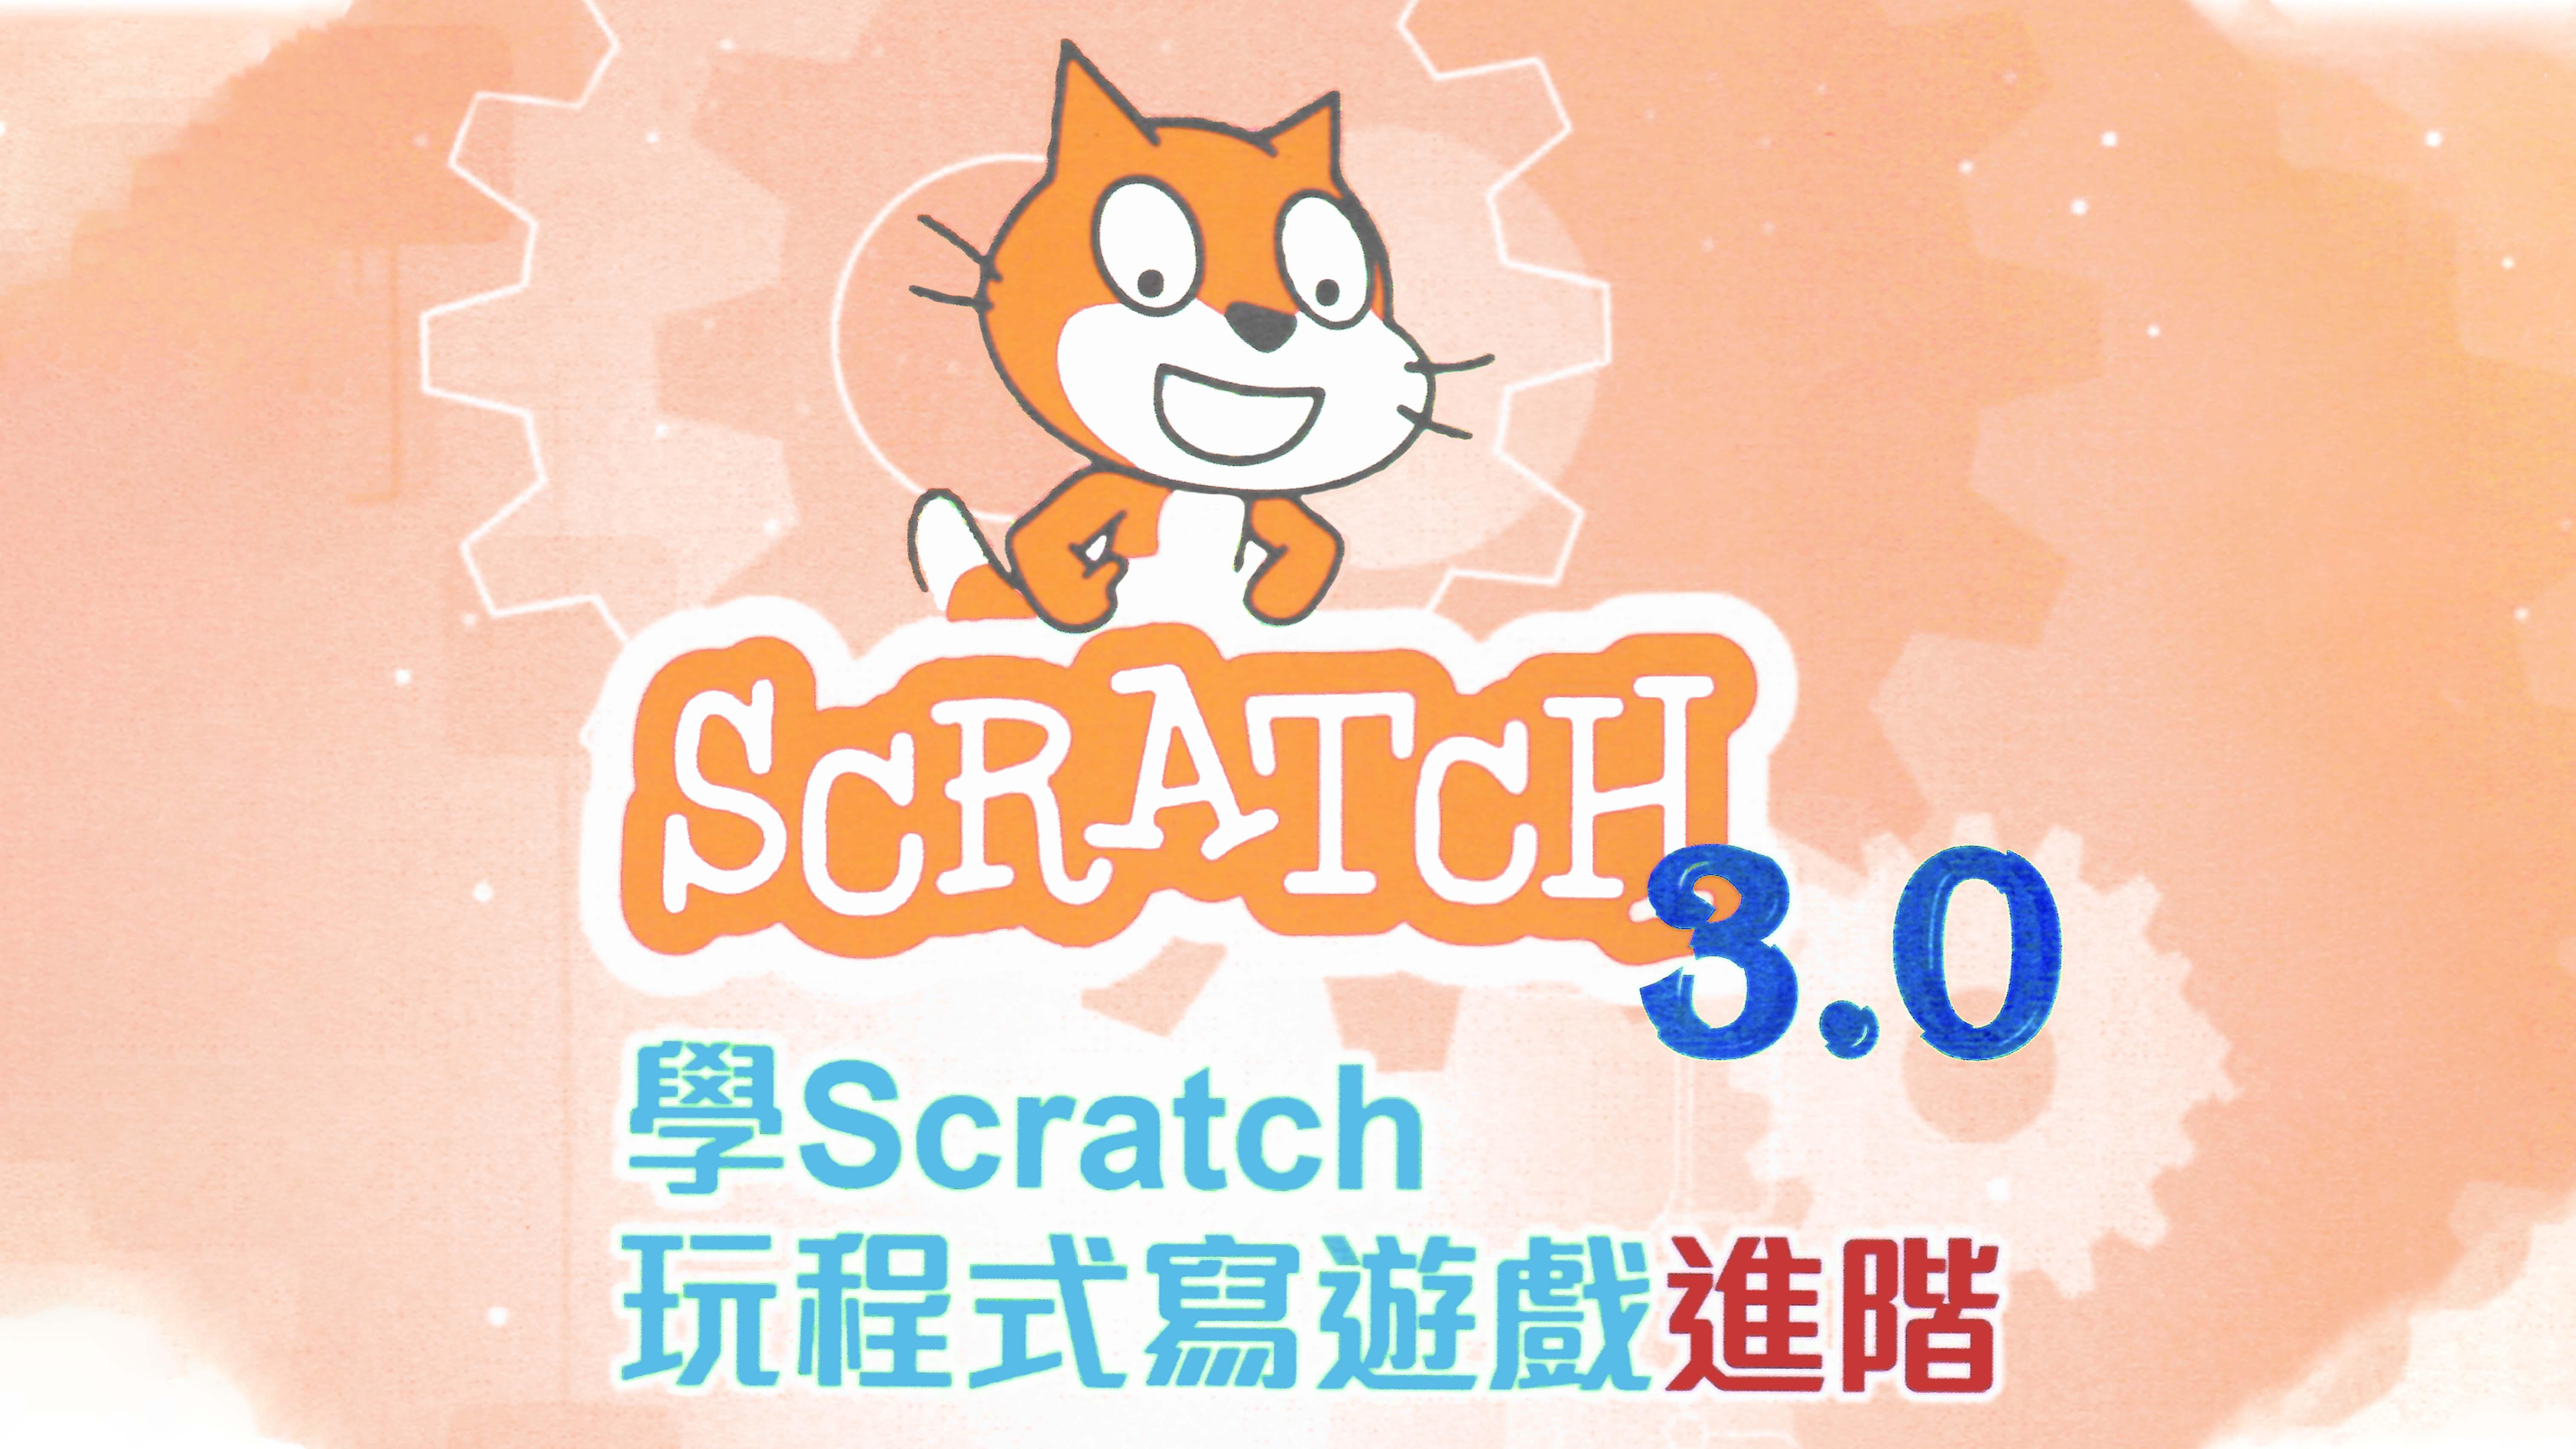 Scratch程式設計營-進階班-0